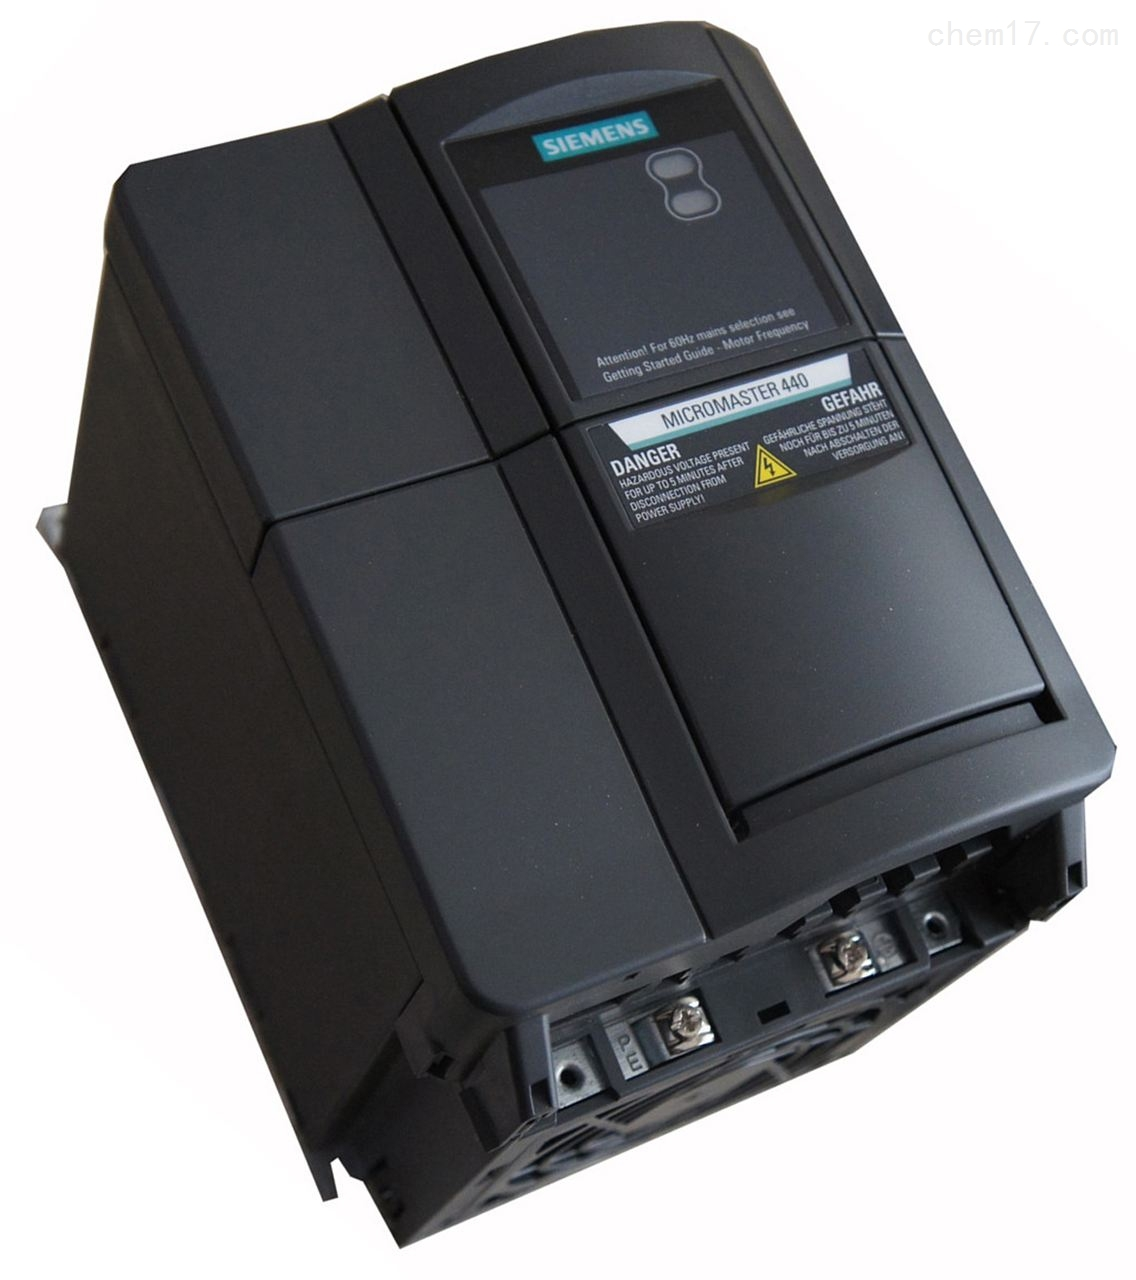 西门子MM440变频器报警F0022(当天修好)